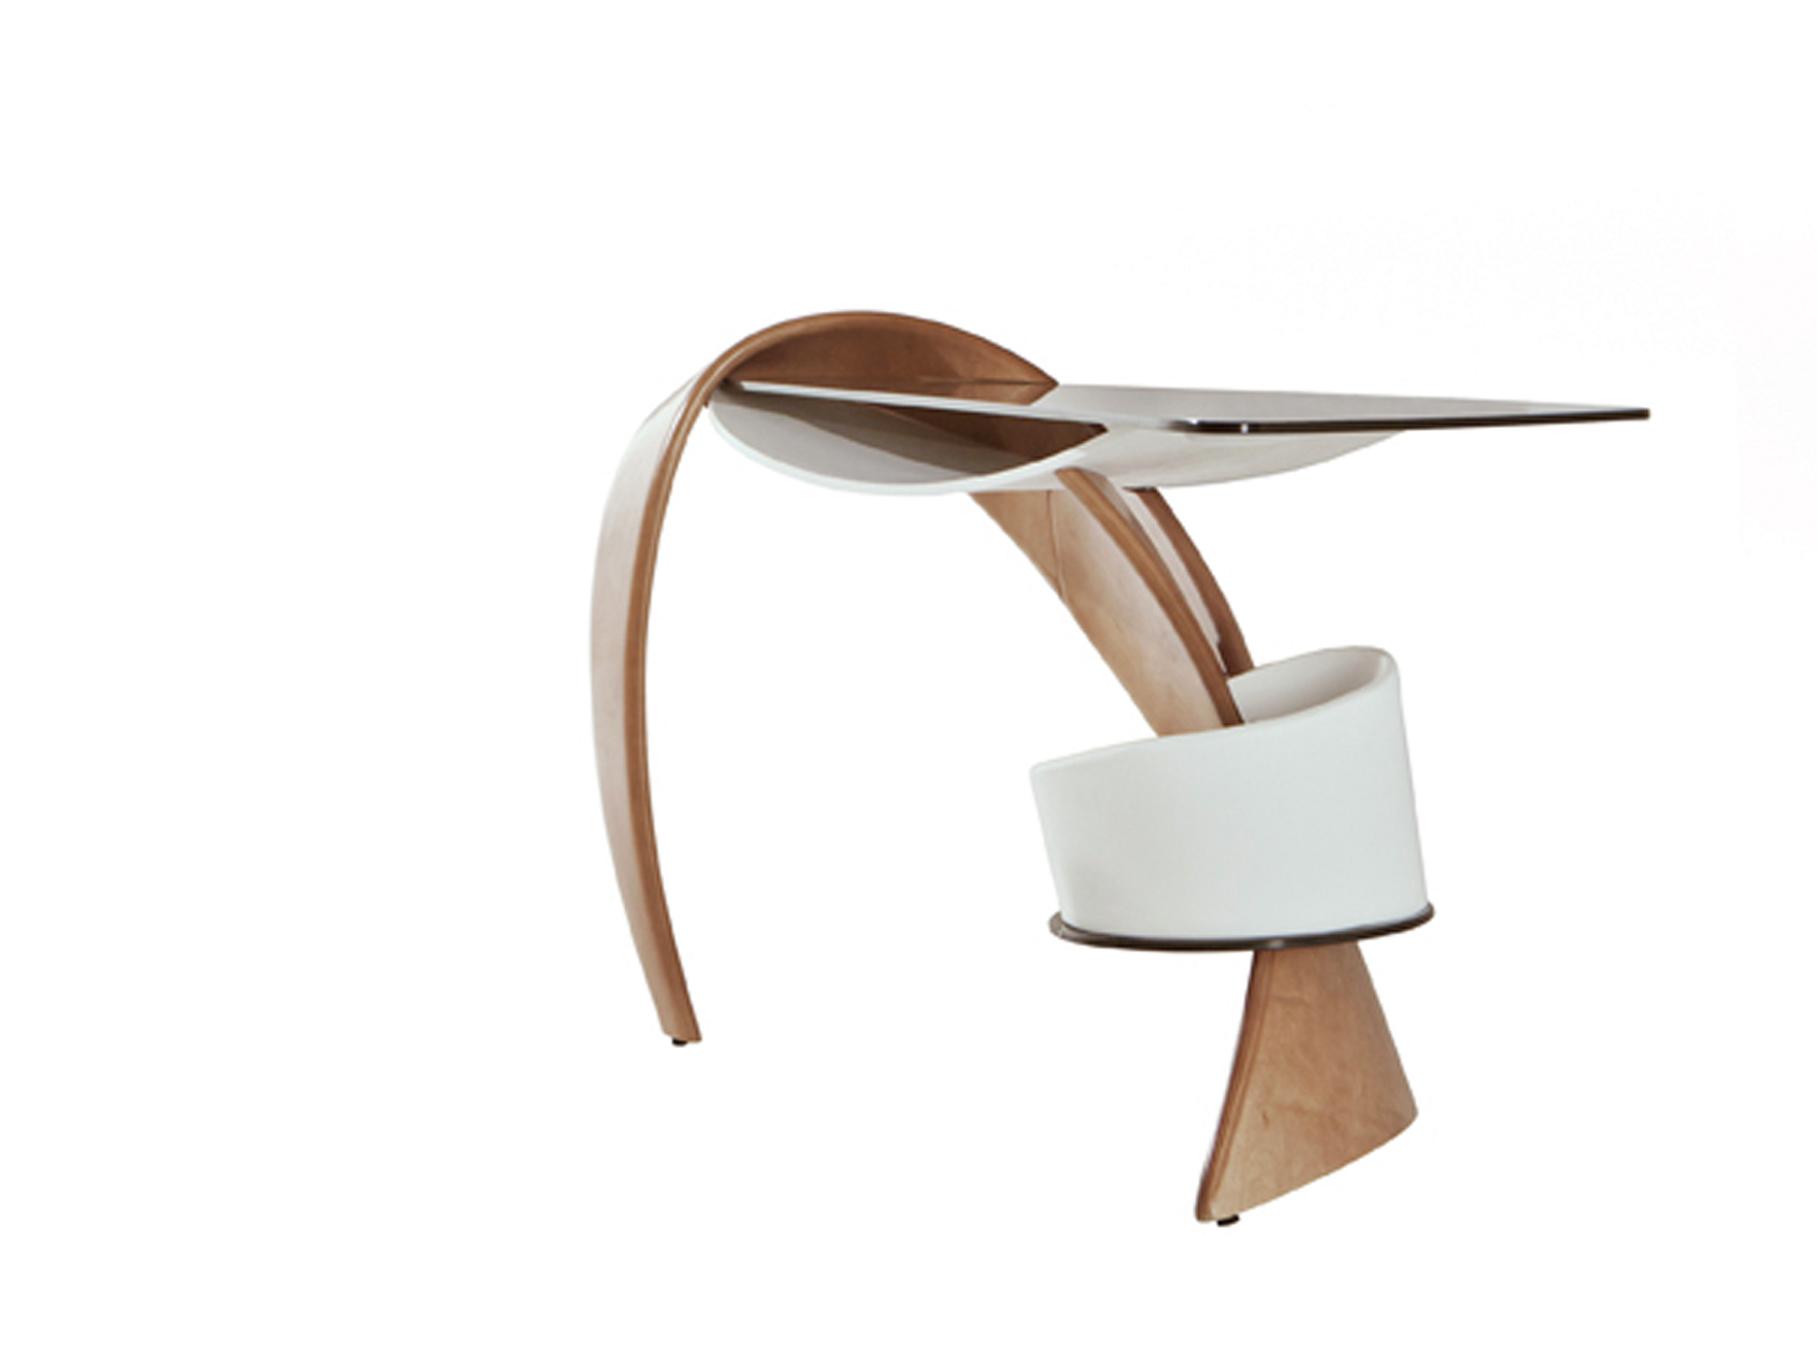 """Стол BrazoТуалетные столики<br>Необычный стол """"Brazo"""" является олицетворением нашей быстрой и динамичной жизни. Забудьте о тяжеловесных вещах «на века» — позвольте себе не только с легкостью шагать по жизни, но и с легкостью работать.<br>Предлагаемая модель – это сочетание современного дизайна и новейших мебельных технологий, с ее помощью Вы создадите интерьер, который подчеркнет Ваше стремление к оригинальности и новизне.<br><br>Material: Стекло<br>Ширина см: 56.0<br>Высота см: 87.0<br>Глубина см: 128.0"""